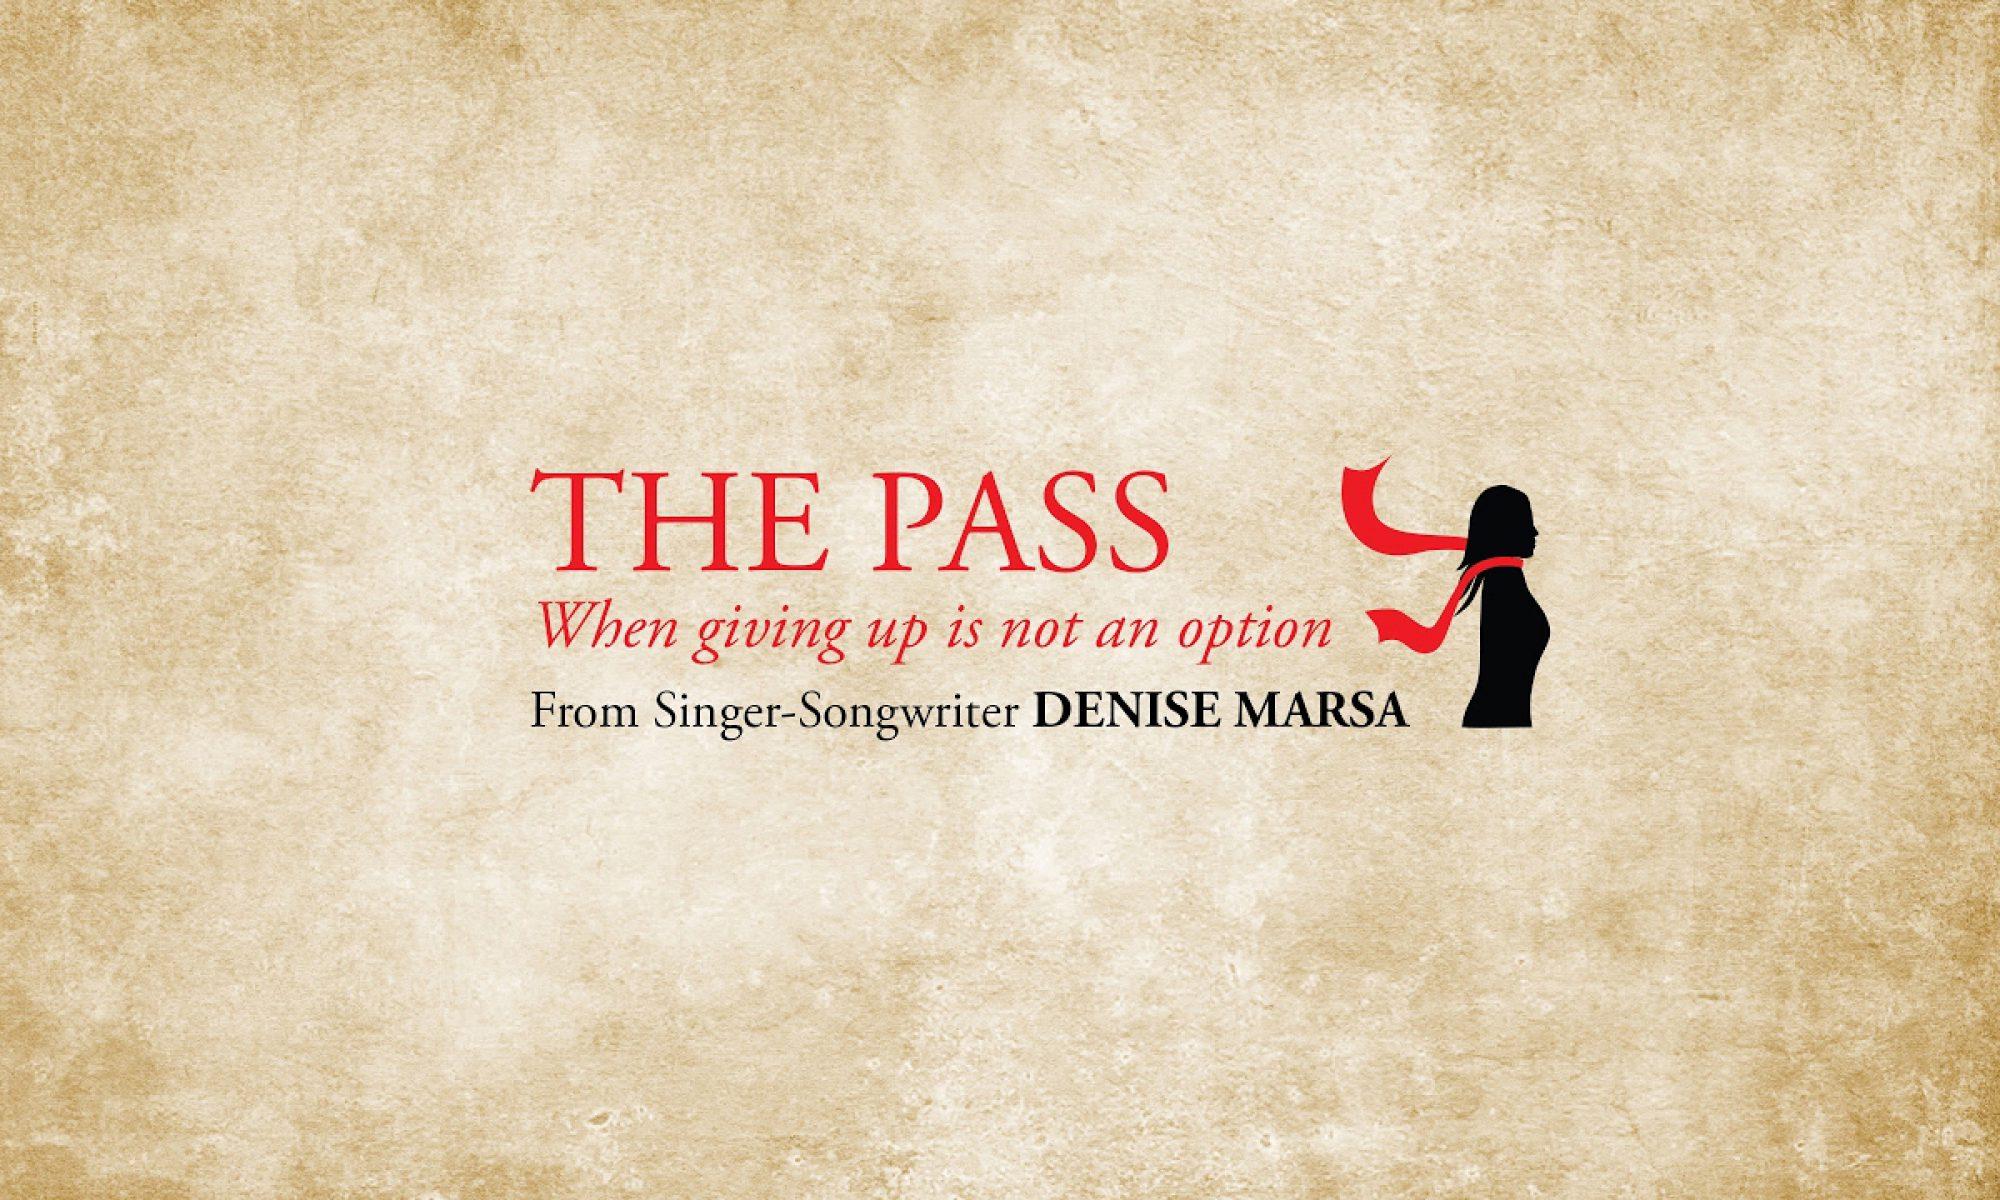 DENISE MARSA MUSIC